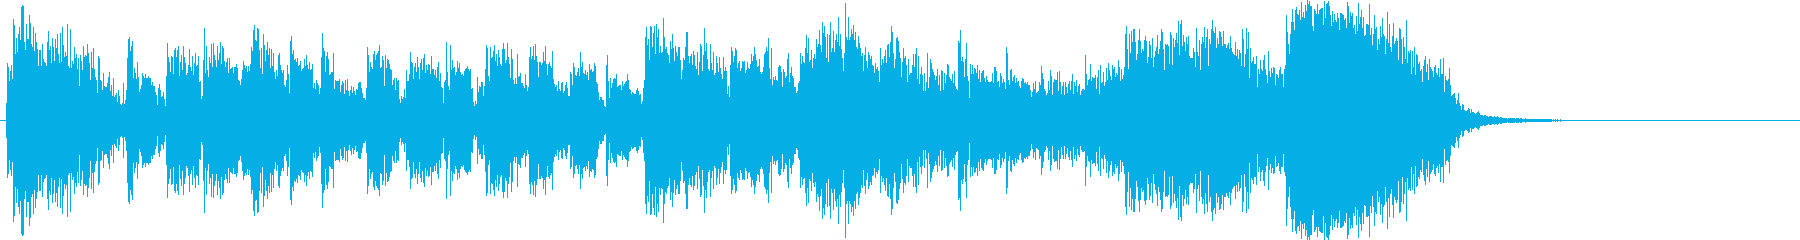 上昇していくメロディが印象的なジングルの再生済みの波形